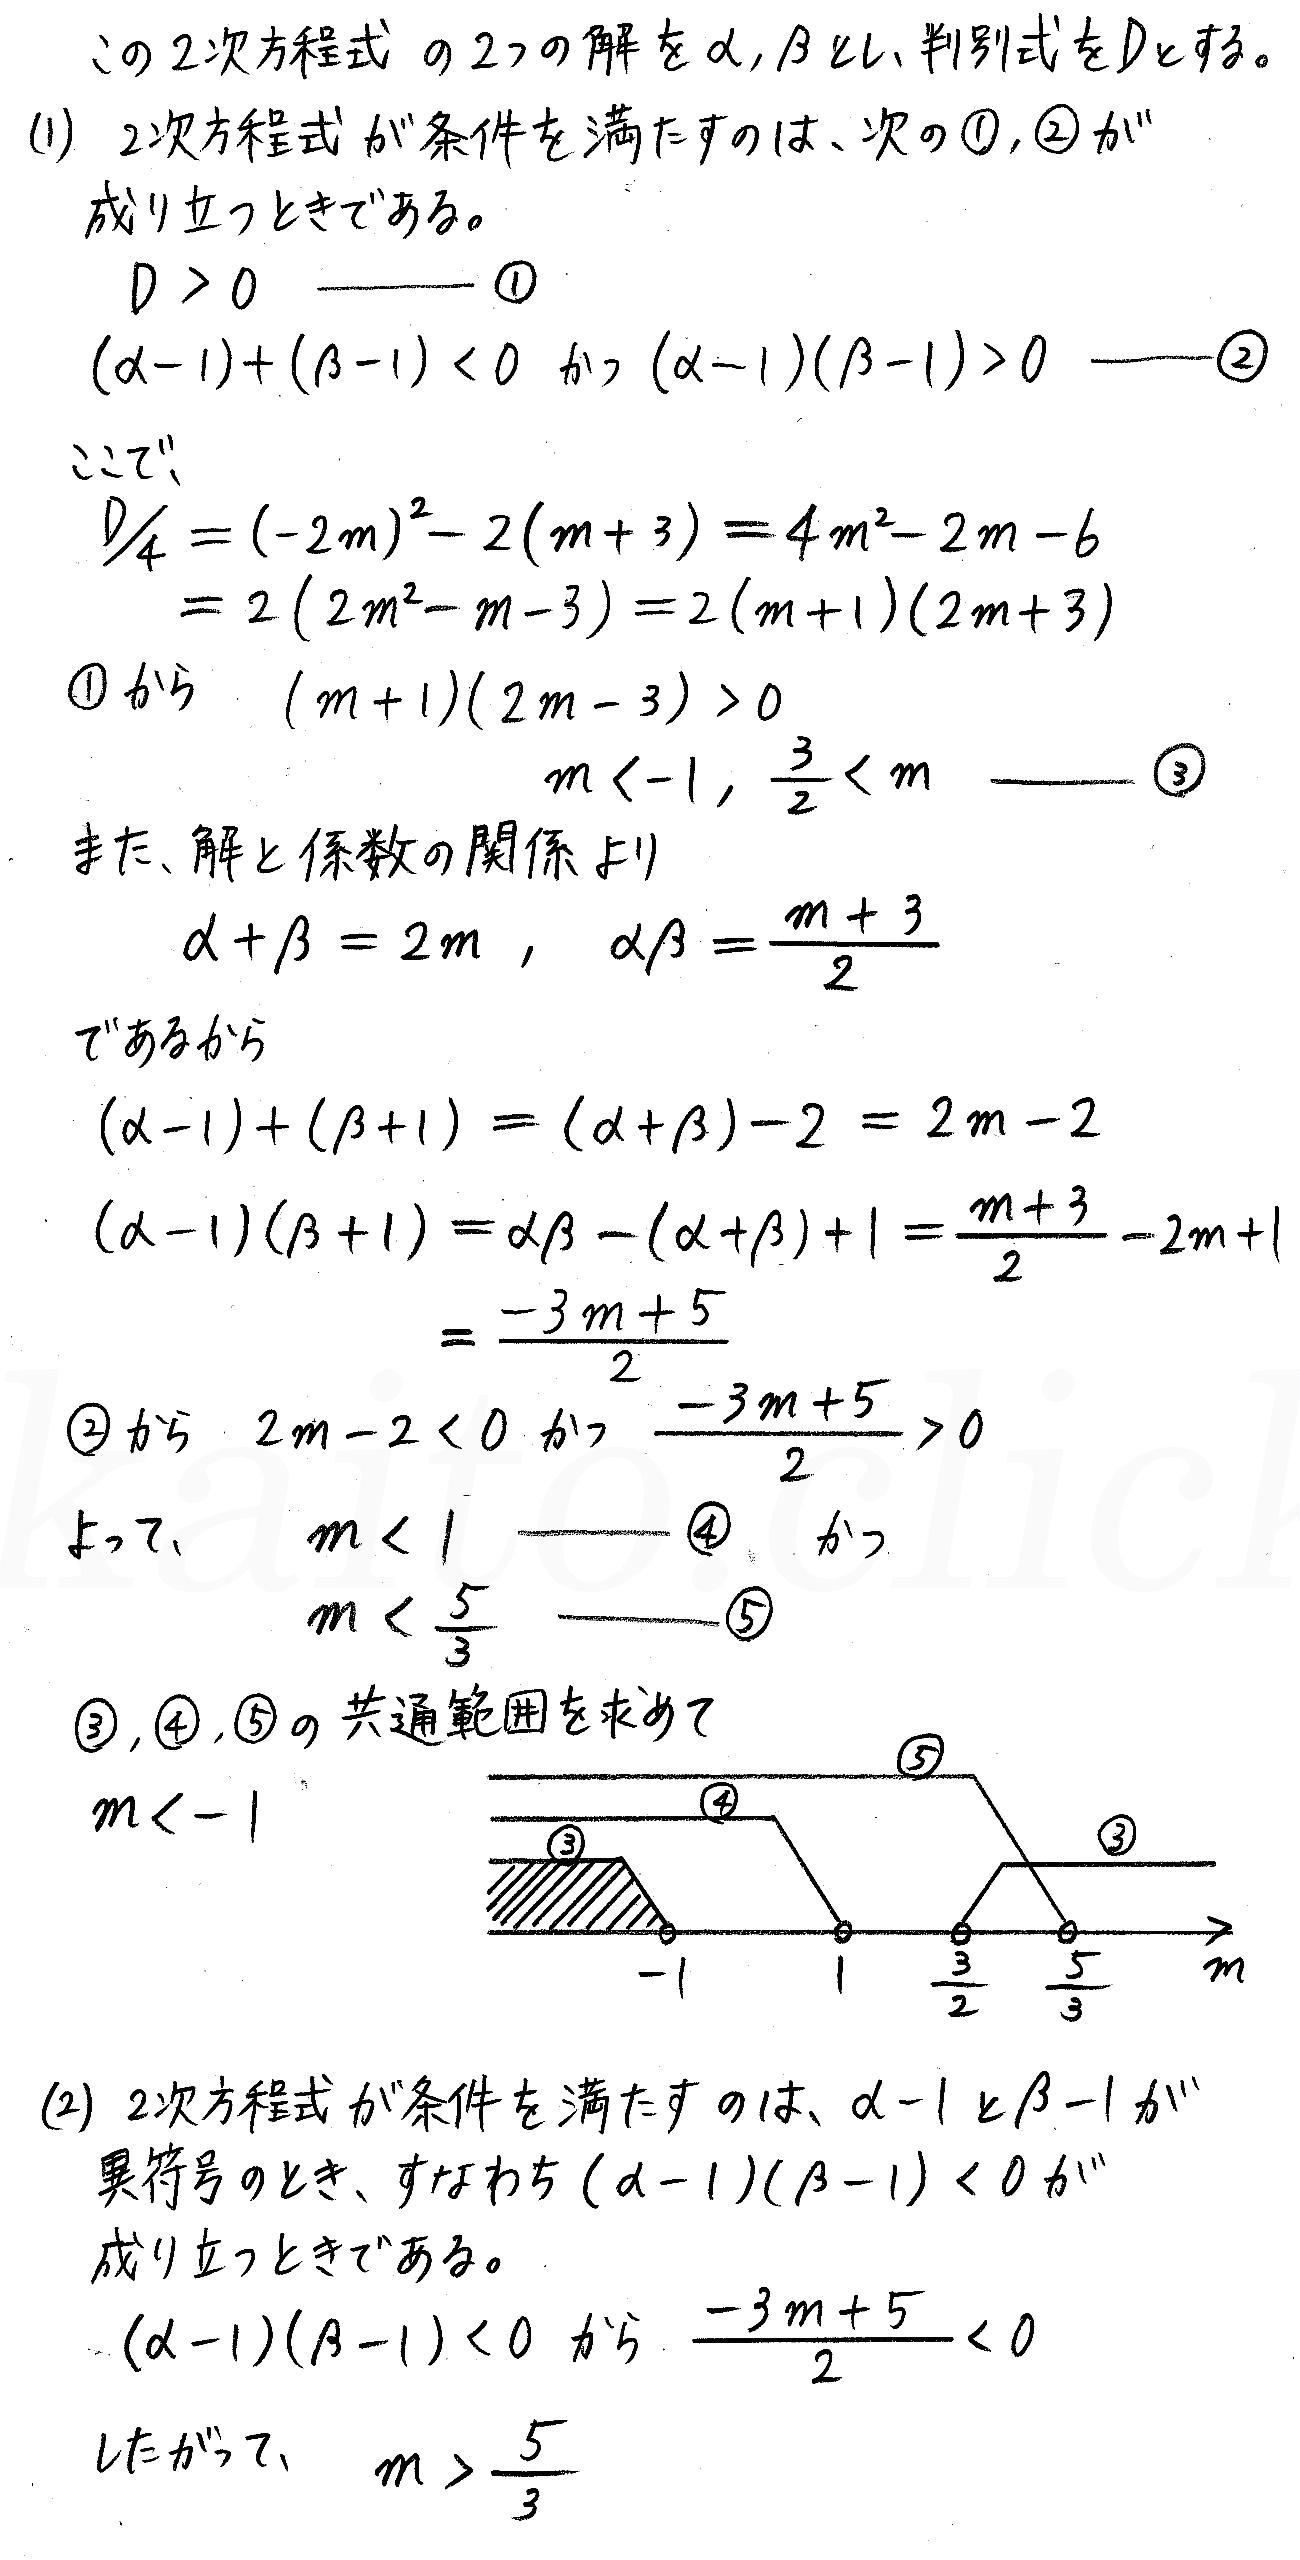 クリアー数学2-117解答